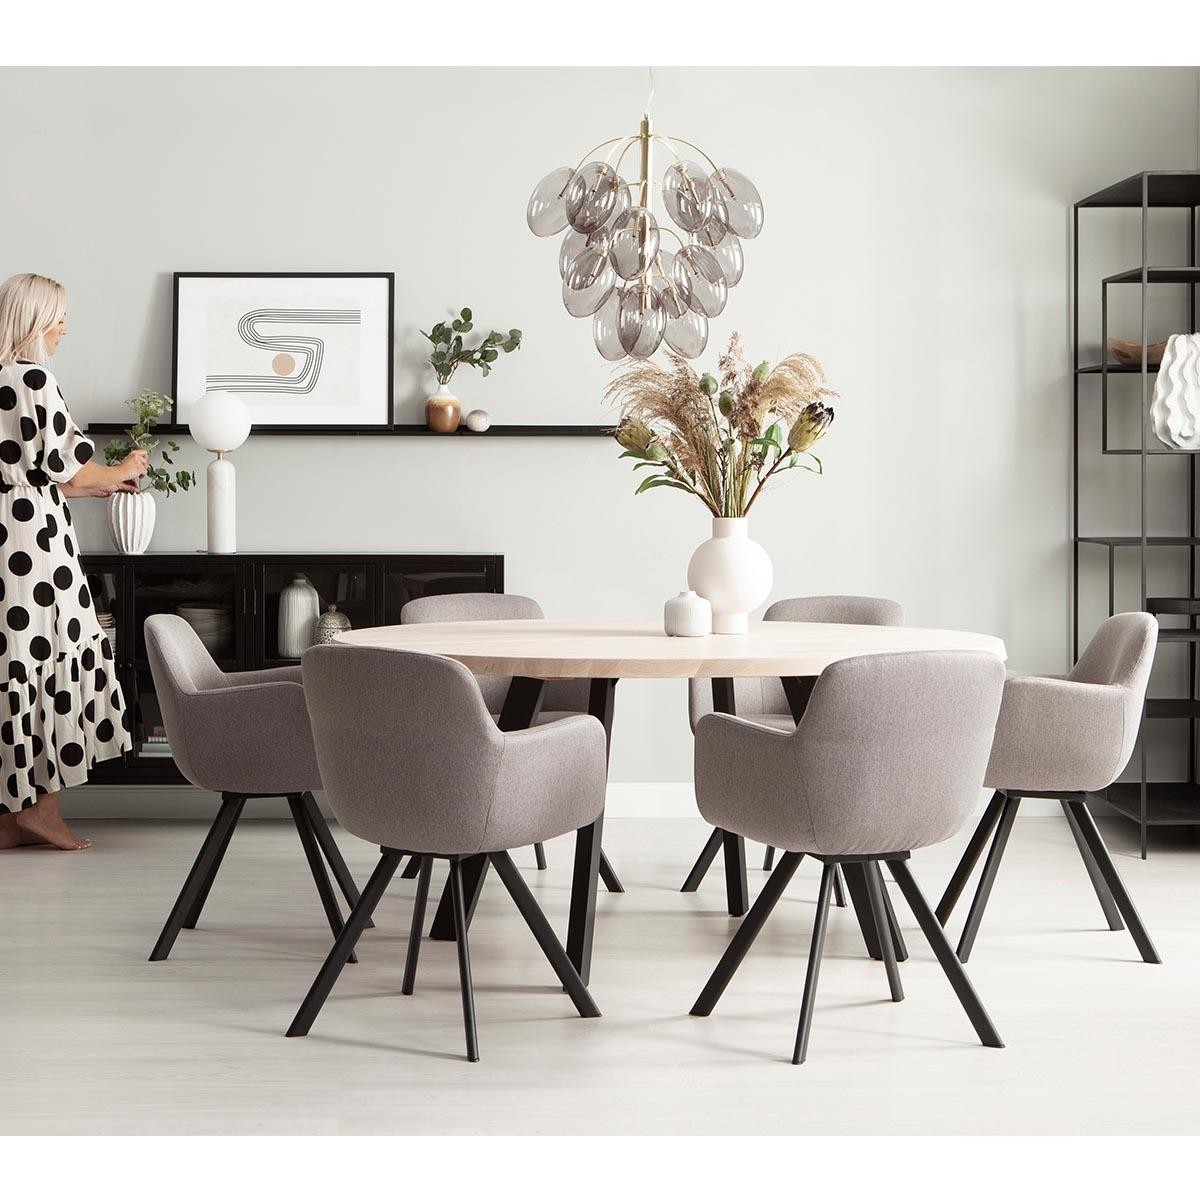 Fred-matbord-runt-160-vitpigm-ek-svart-Westville-stol-miljo